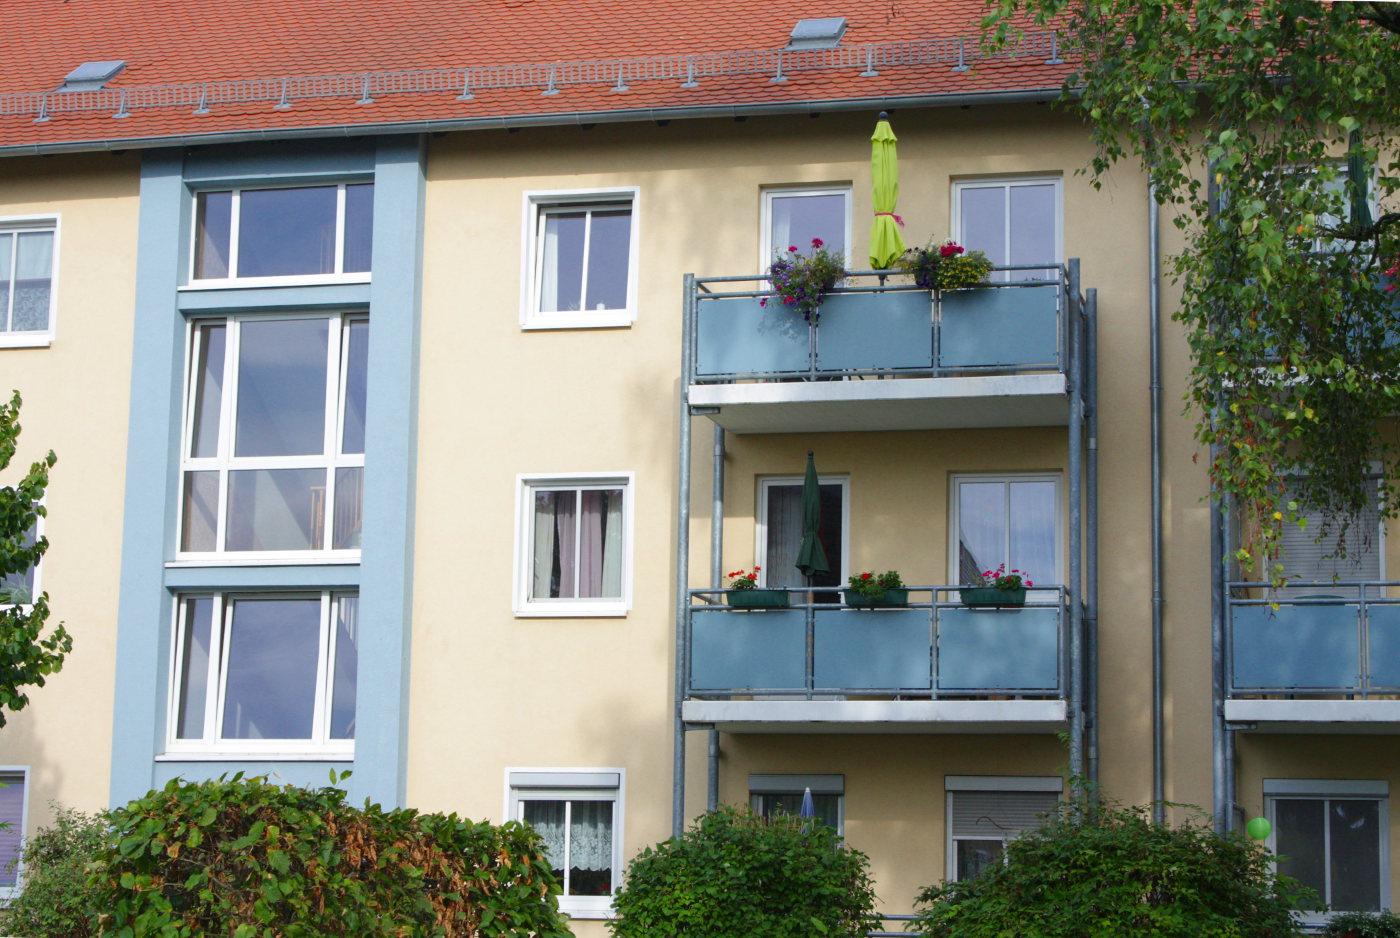 Sichtschutz Fur Meinen Balkon Aus Bambus Stoff Holz Oder Edelstahl